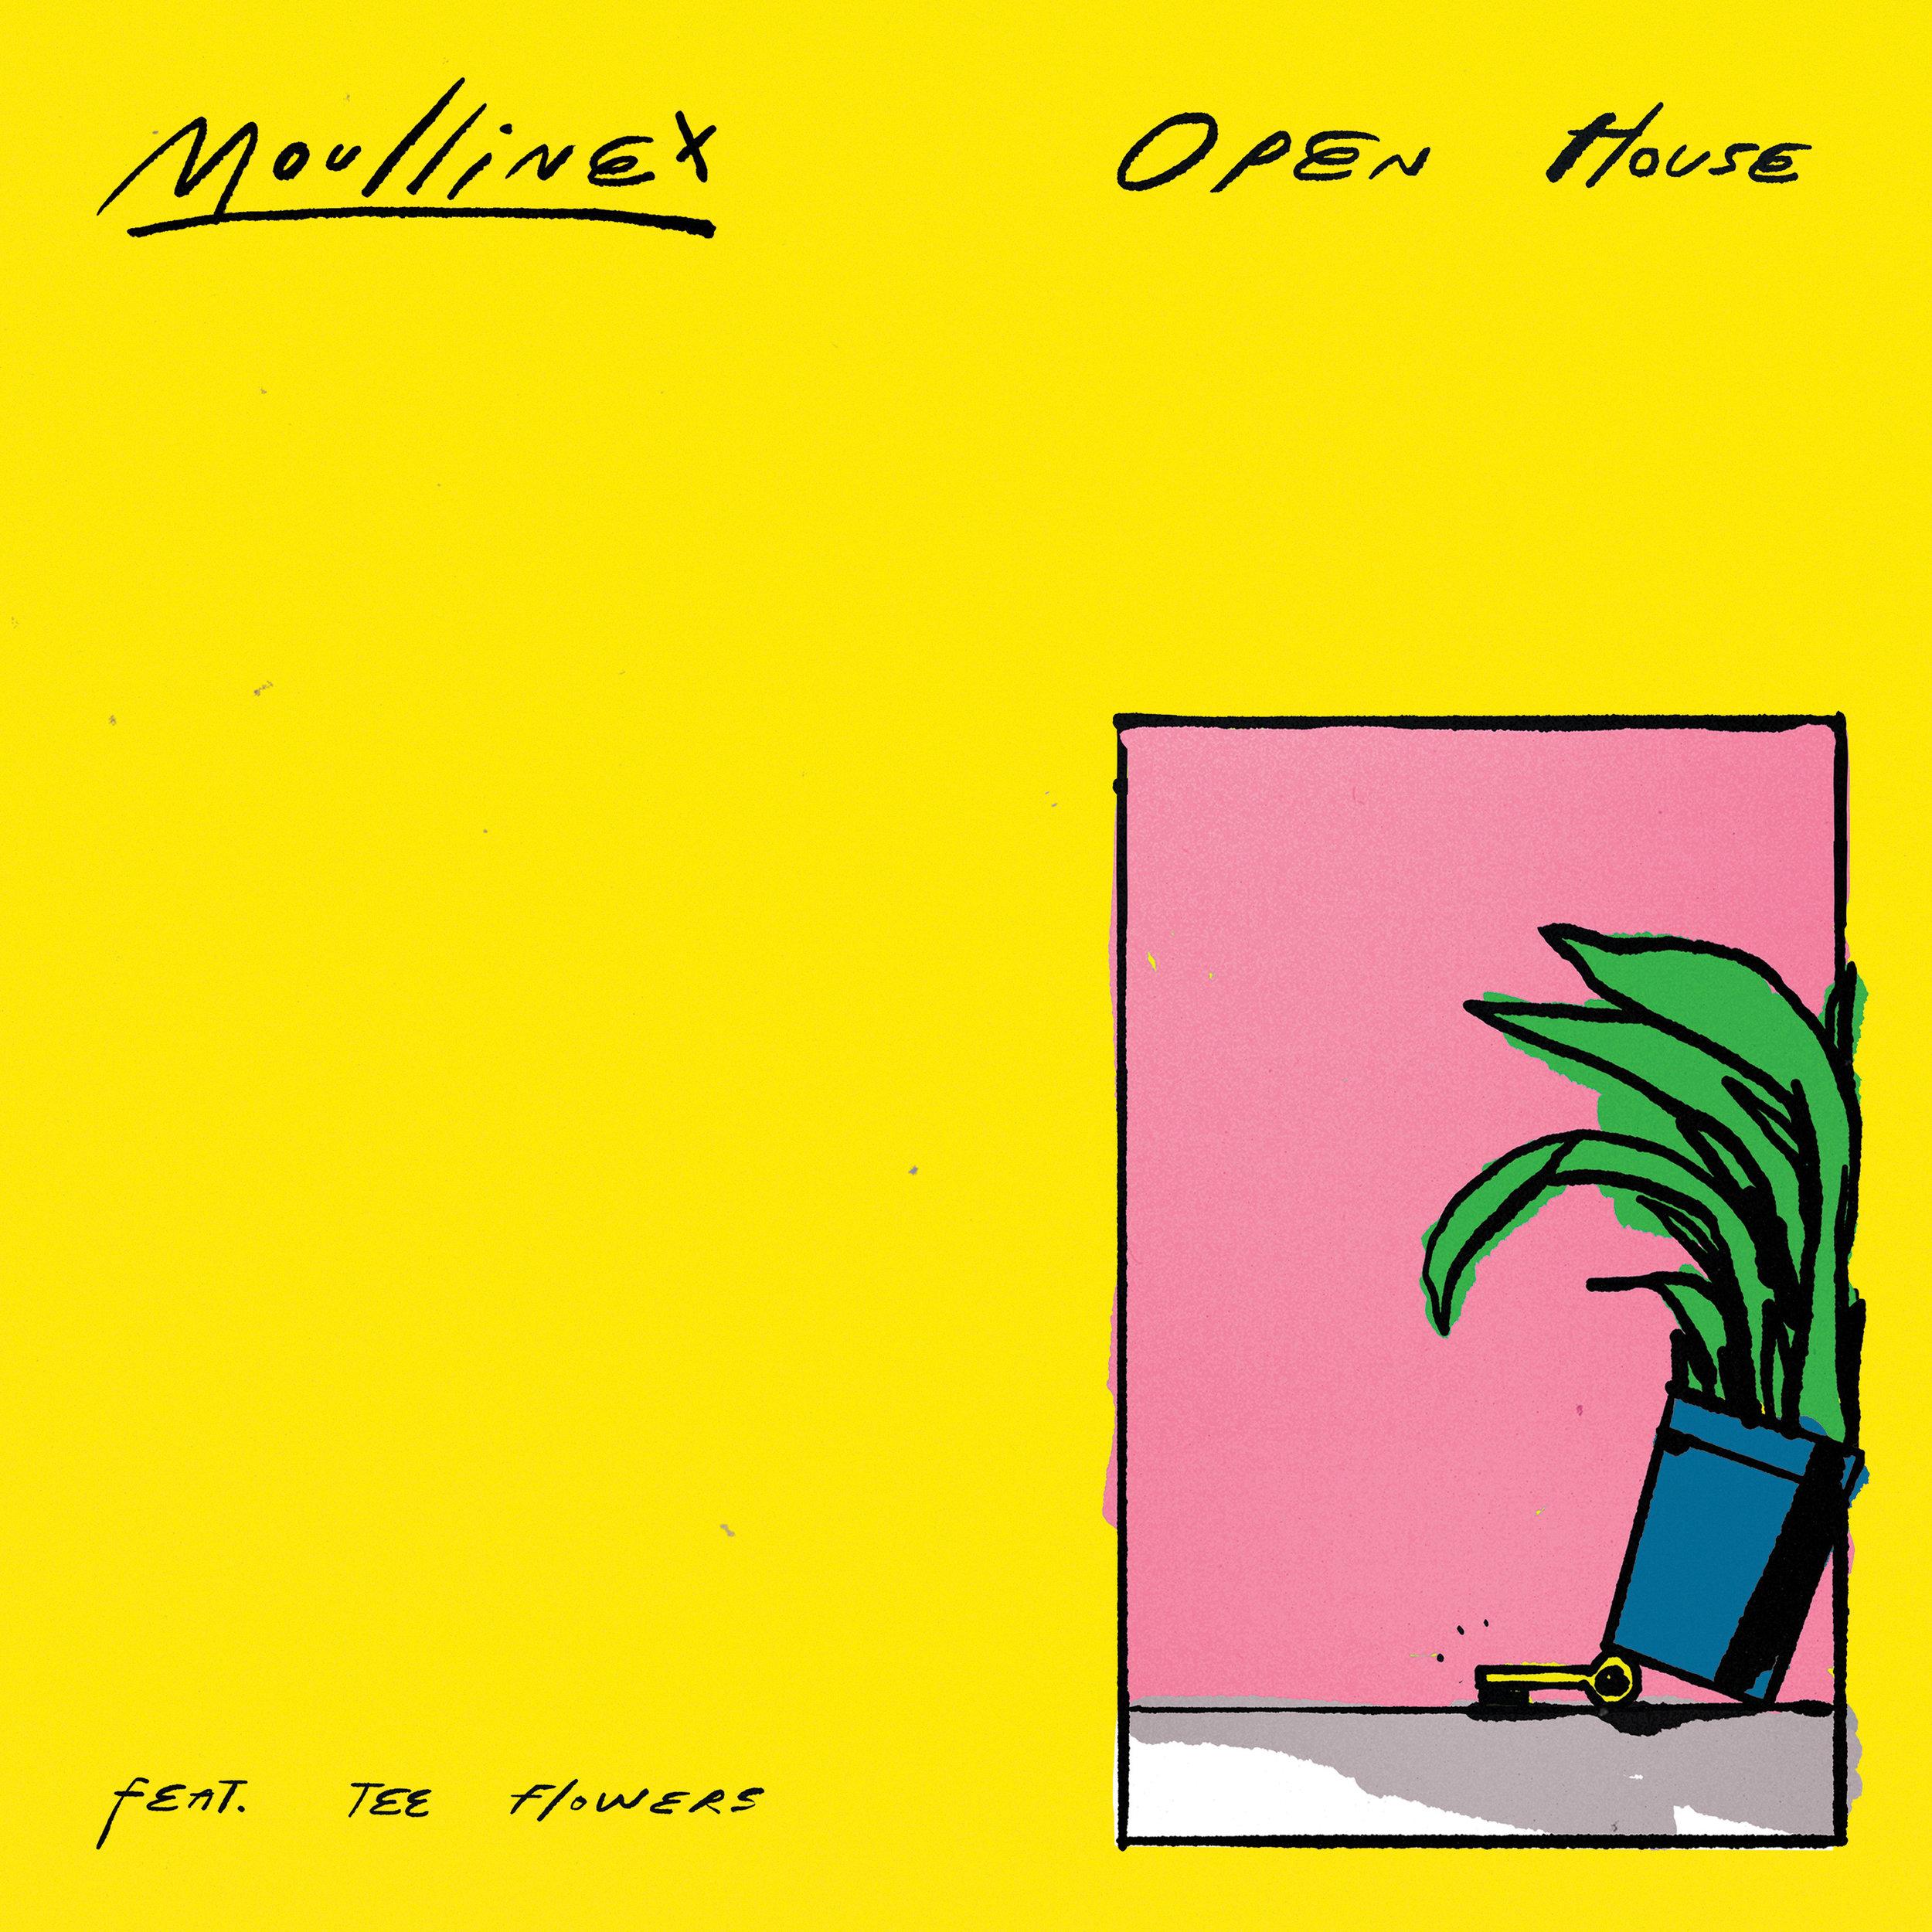 DT070: Moullinex - Open House